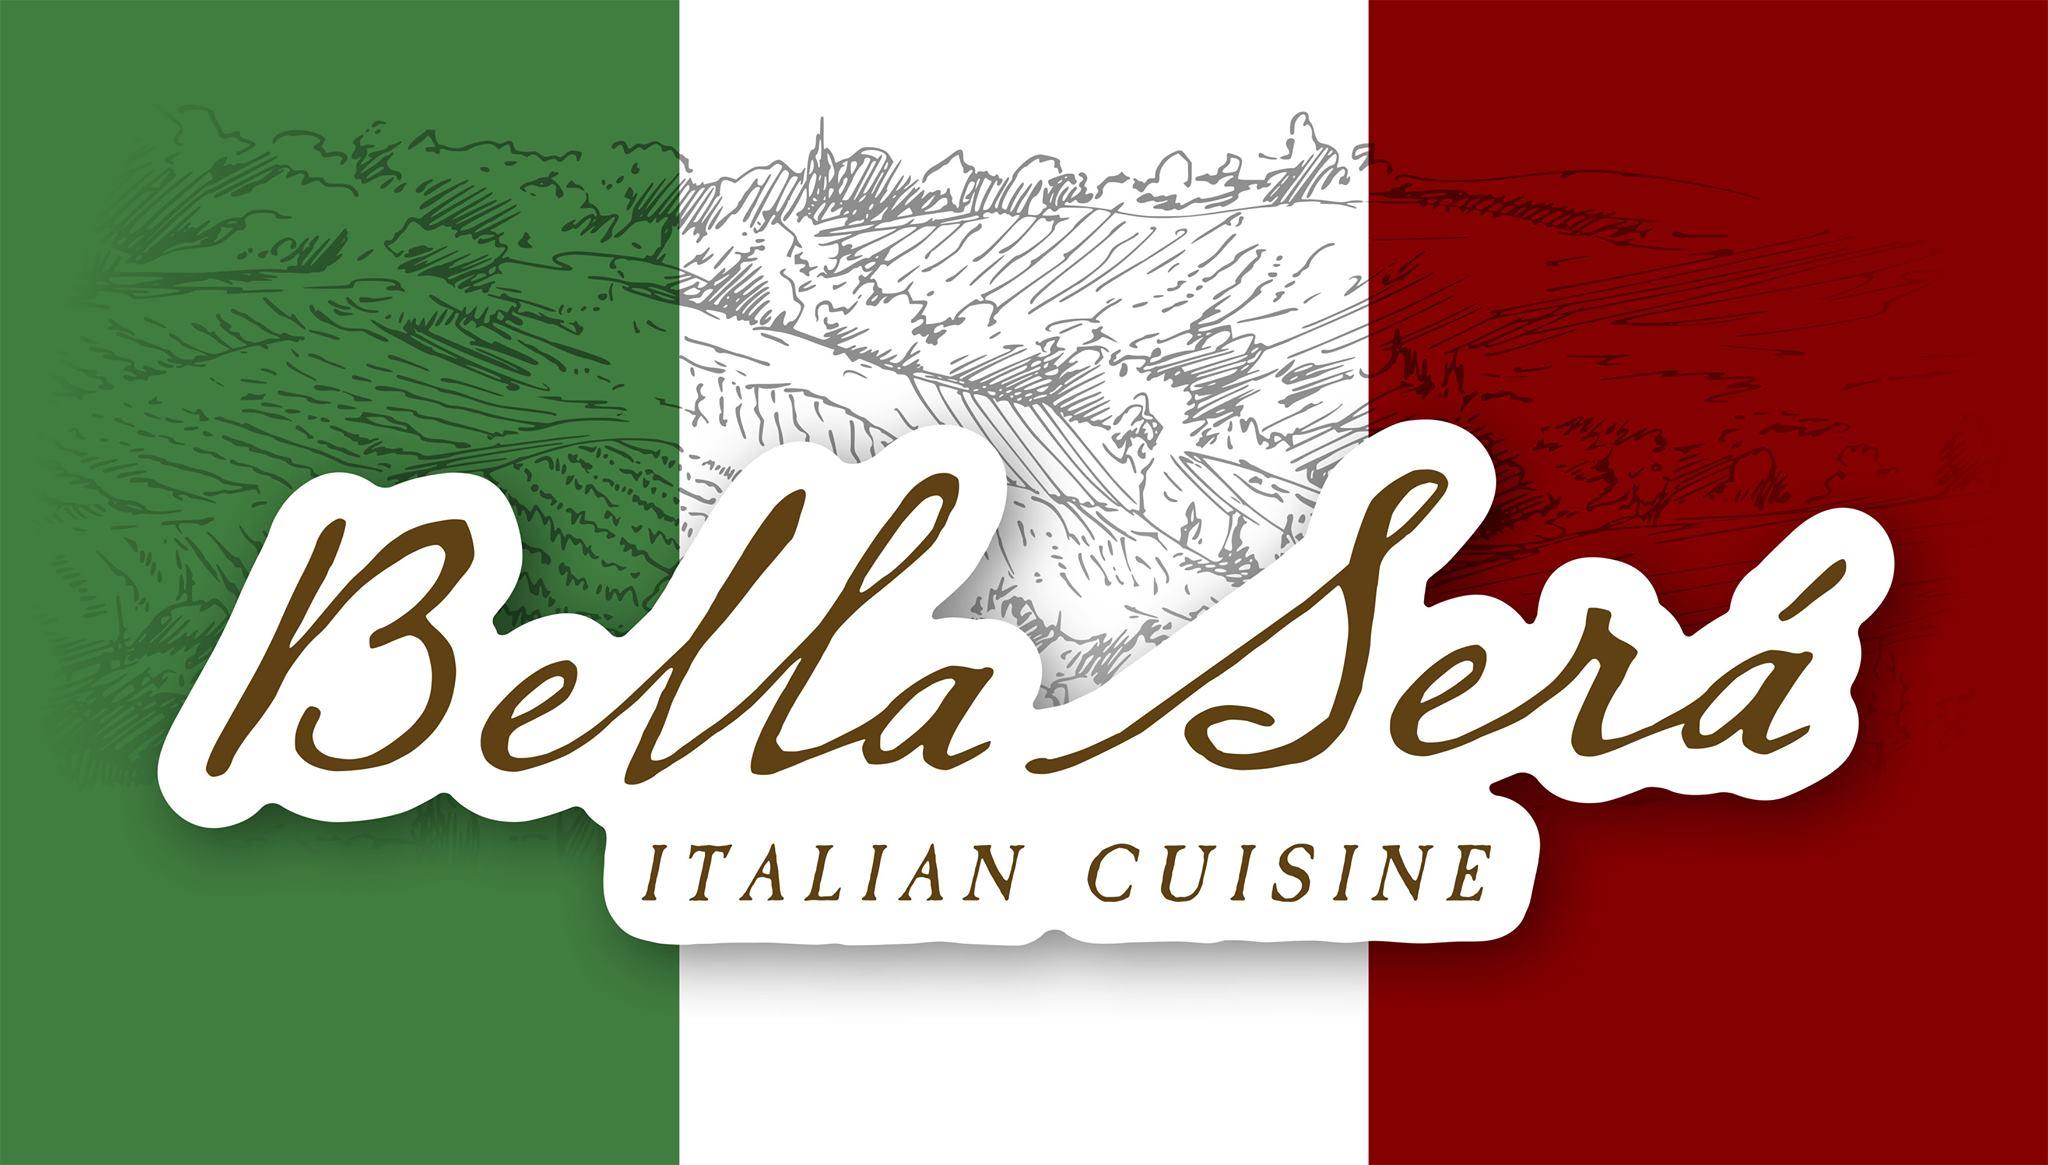 Bella Sera Italian Cuisine